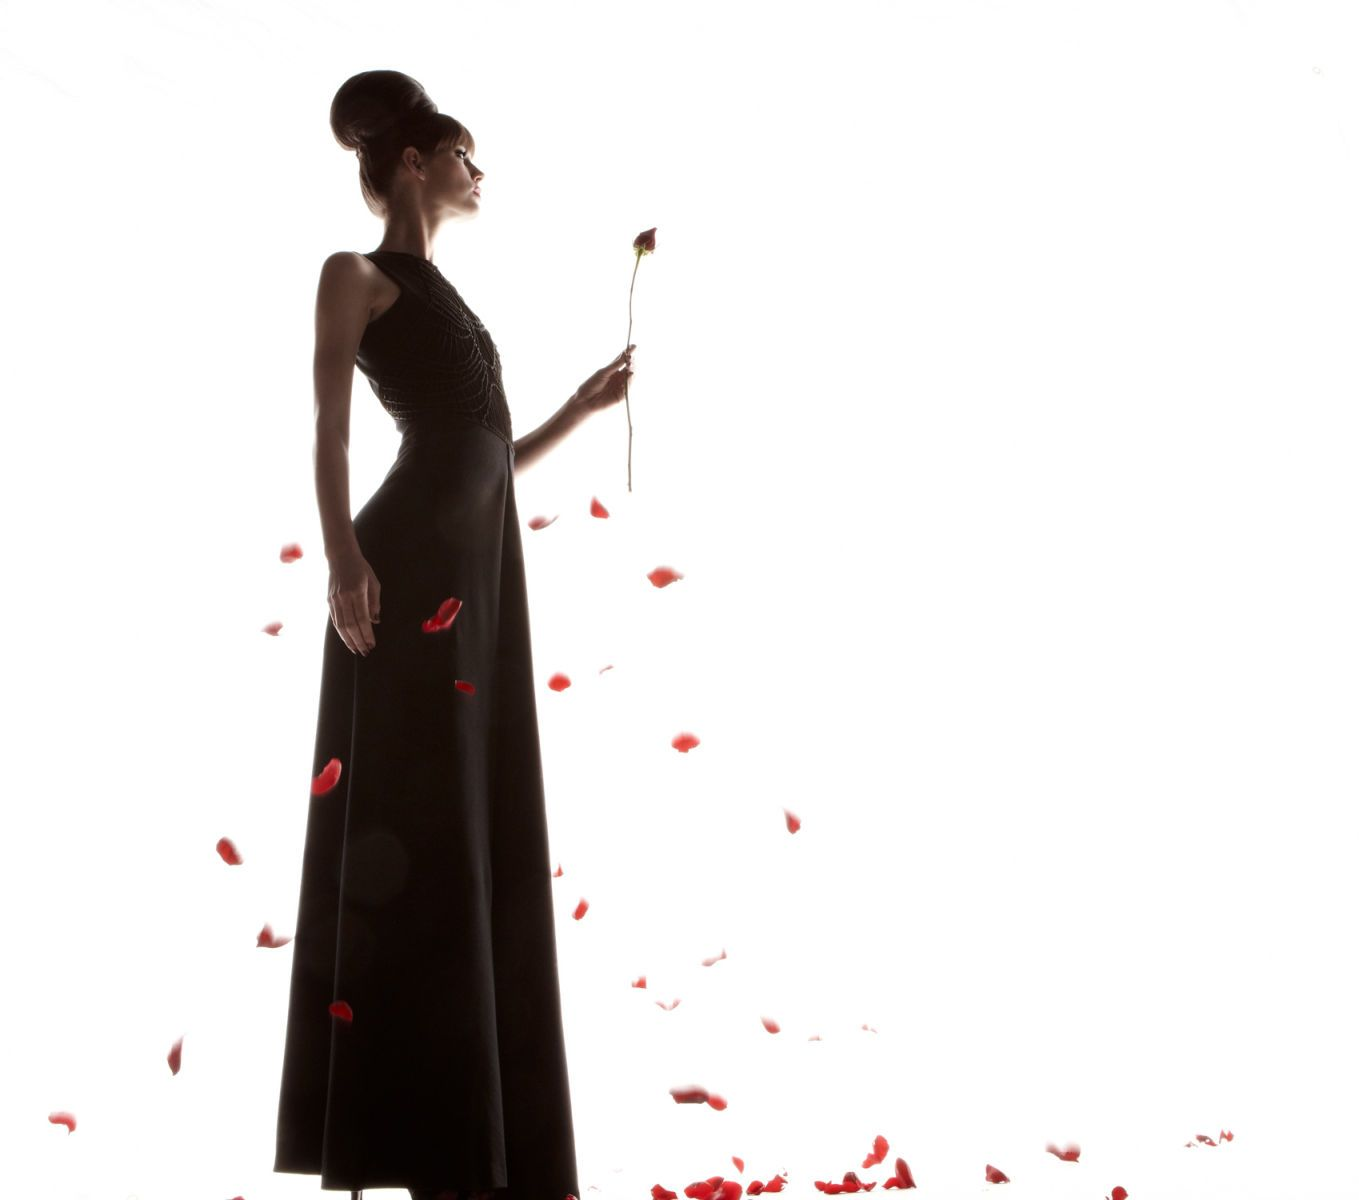 1np_120118_silhouettes_female_095r_2.jpg